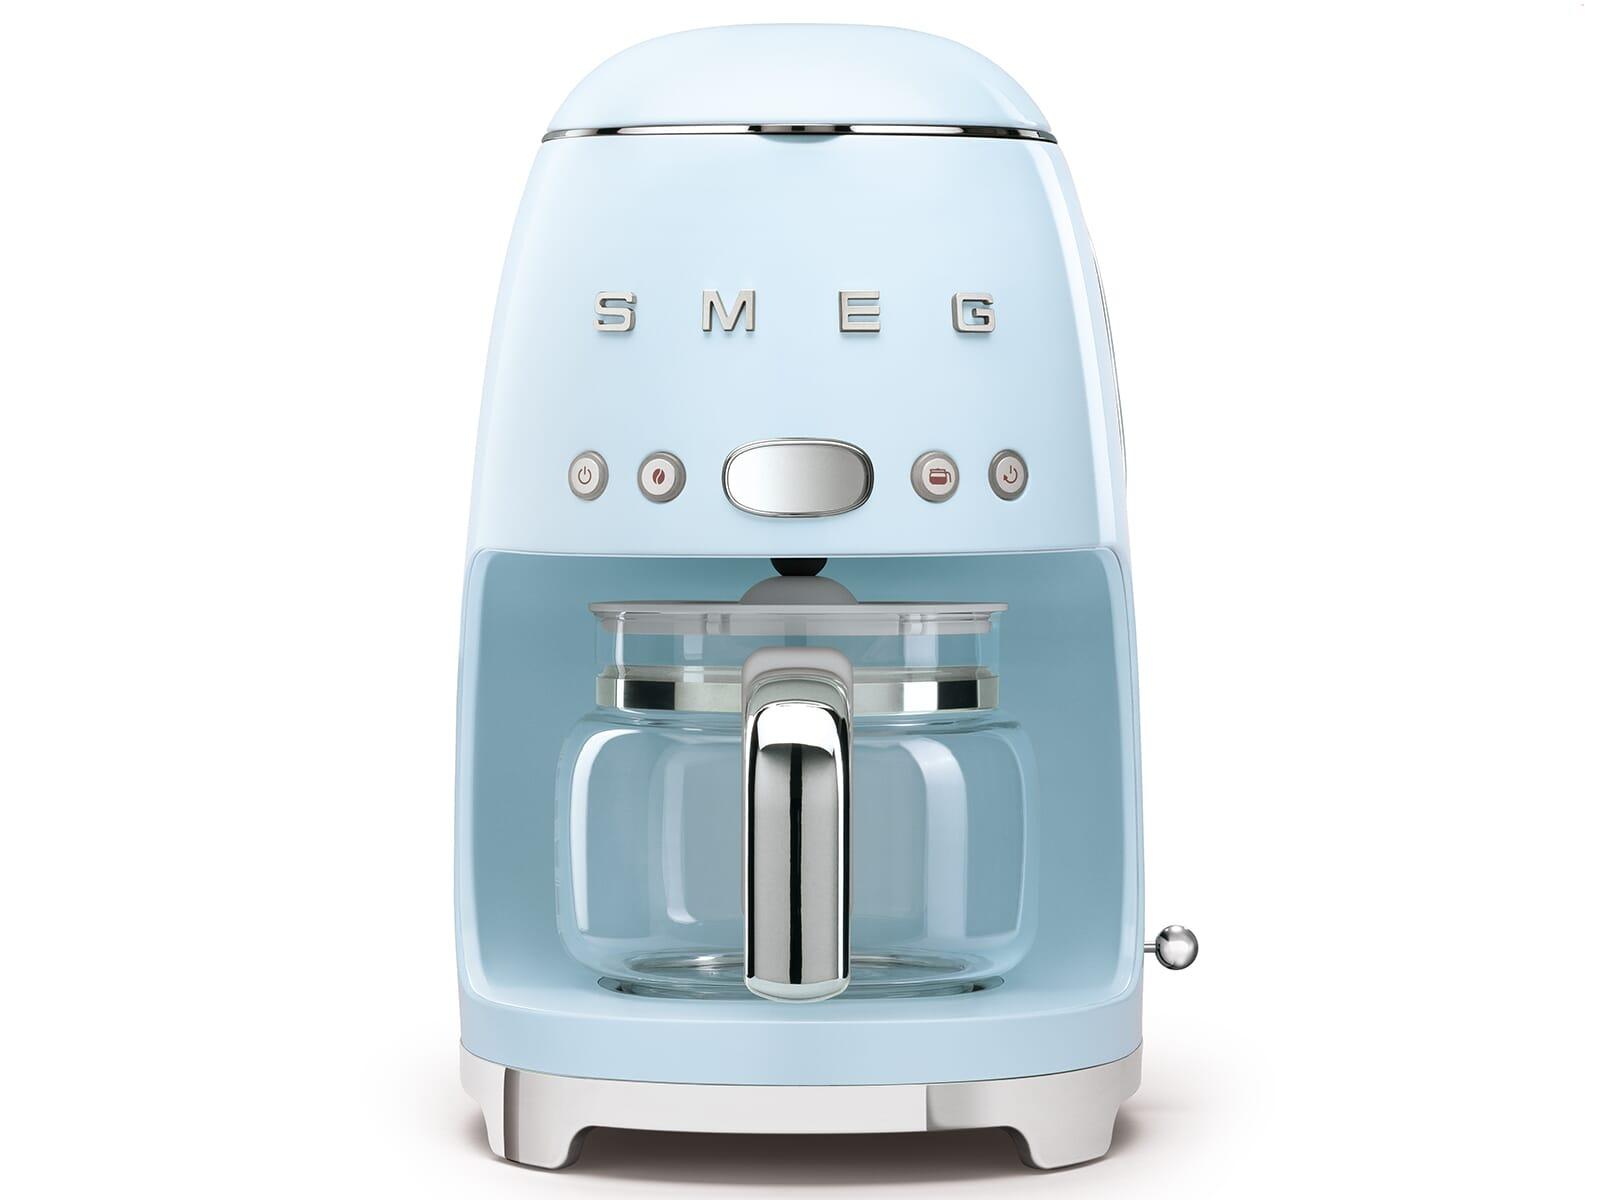 Smeg Kühlschrank Blau : Smeg kaffeemaschine blau: der onlineshop von elektro drews smeg